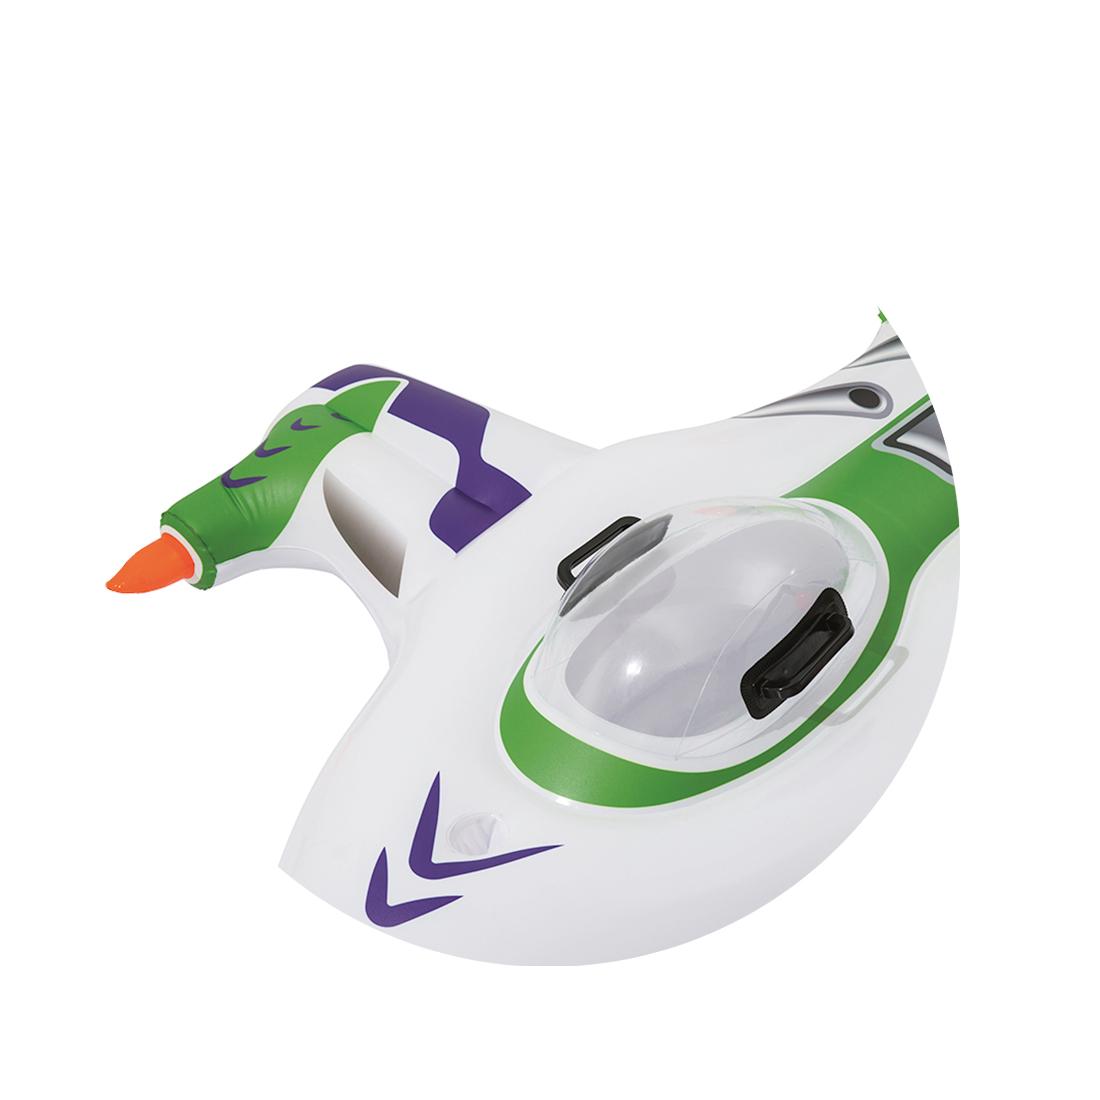 Надувная игрушка Bestway 41094 в форме самолета для плавания